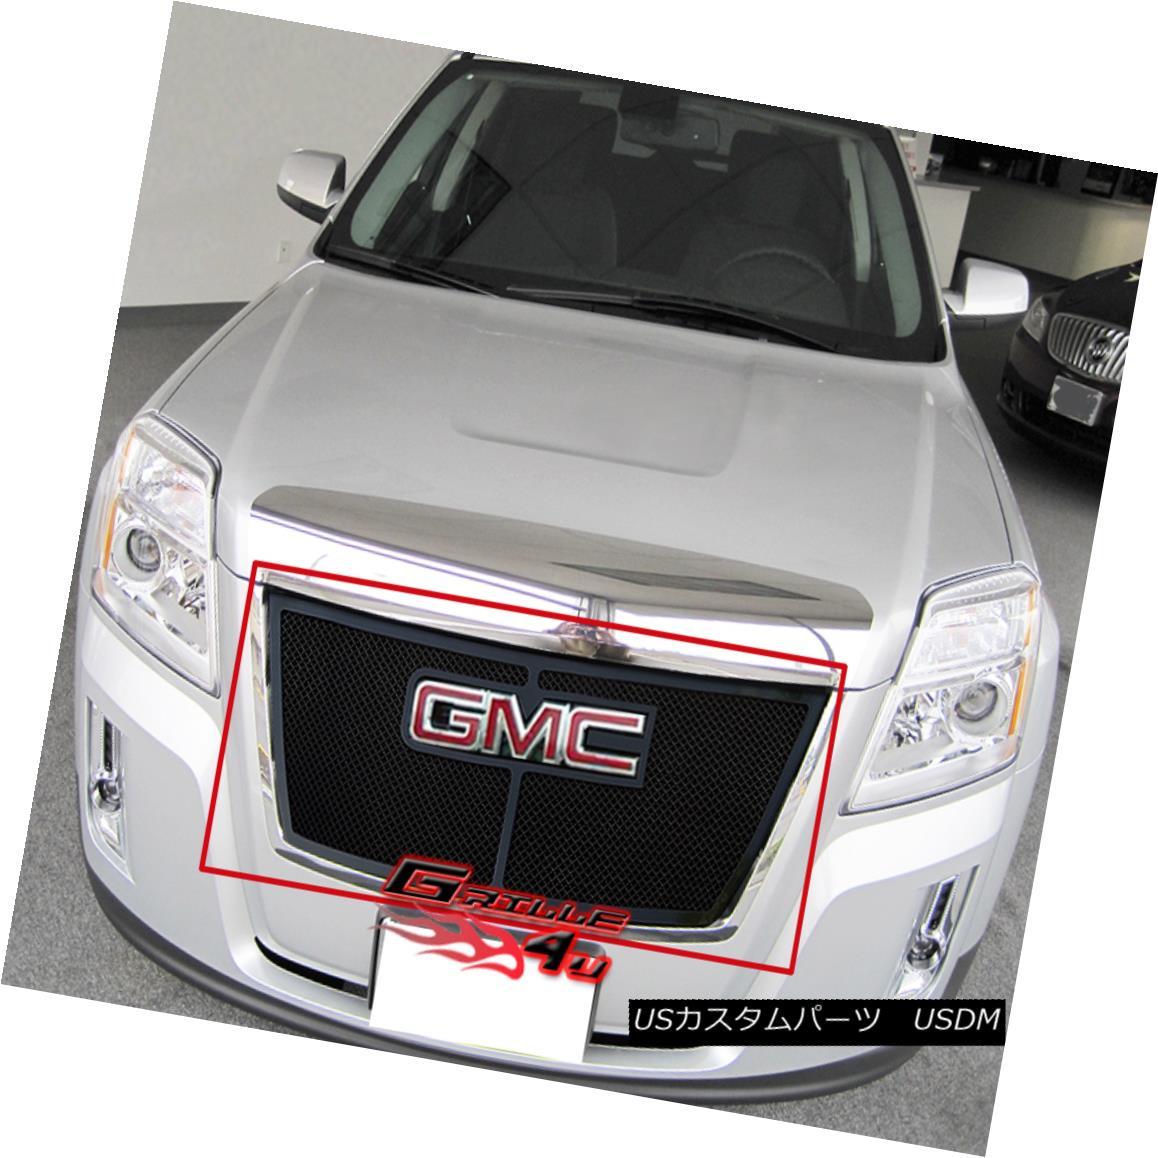 グリル Fits 2010-2015 GMC Terrain Black Stainless Steel Mesh Grille Insert フィット2010-2015 GMC地形黒ステンレスメッシュグリルインサート